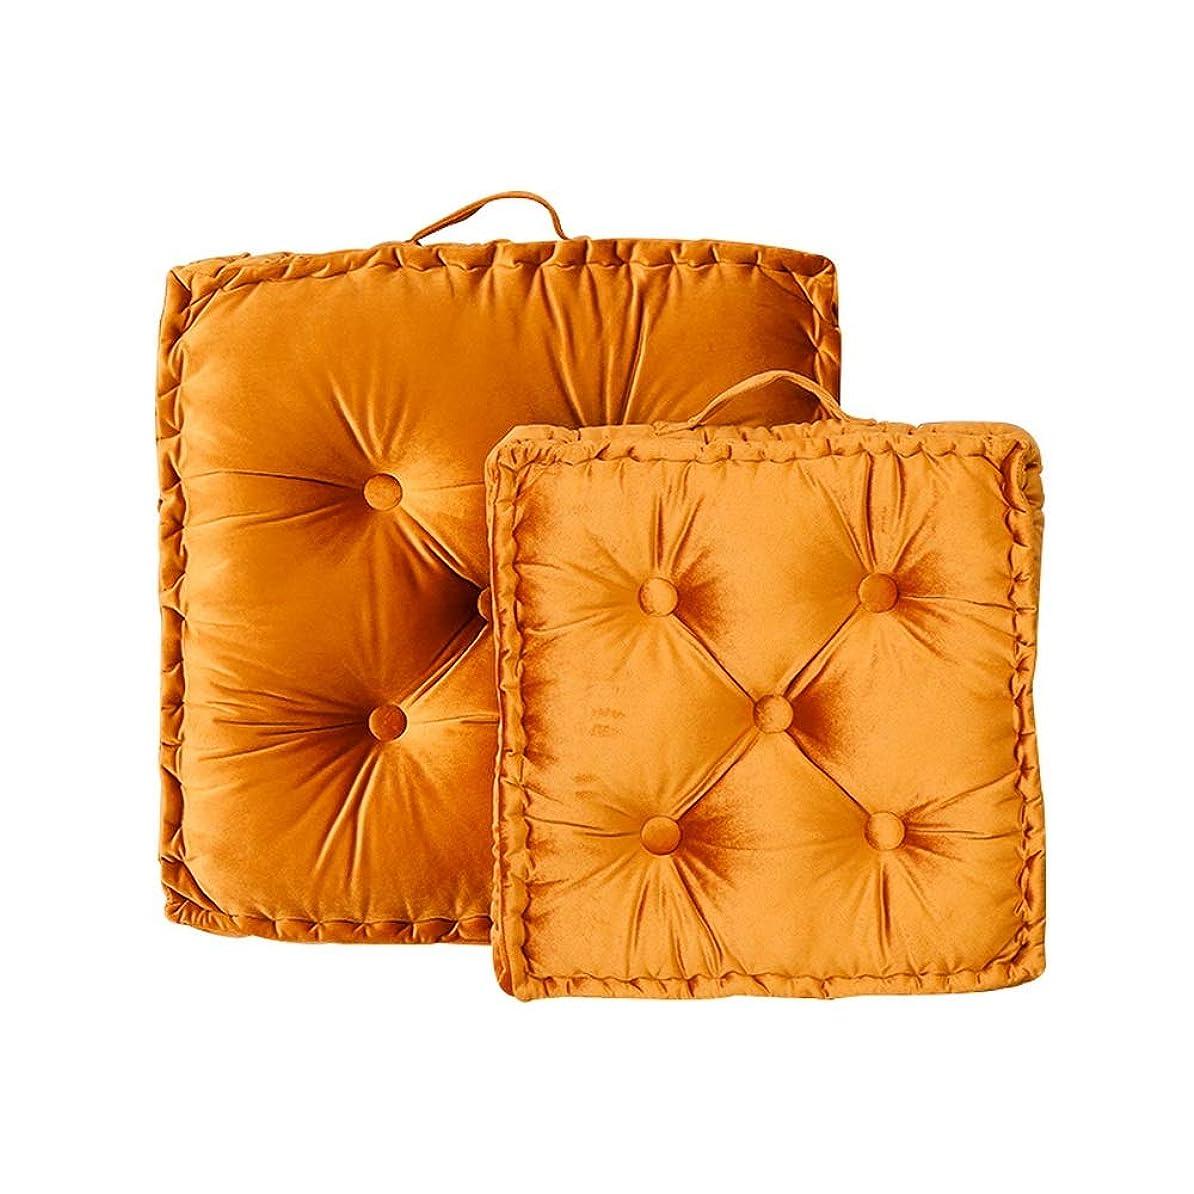 暴君規則性輪郭ポータブルチェアクッションパッド、高級シートクッションパッド、スローピローフロアクッション、フロアーシッティングパッド、ソリッドカラーシートマット畳 (Color : オレンジ, Size : 60x60/23.7